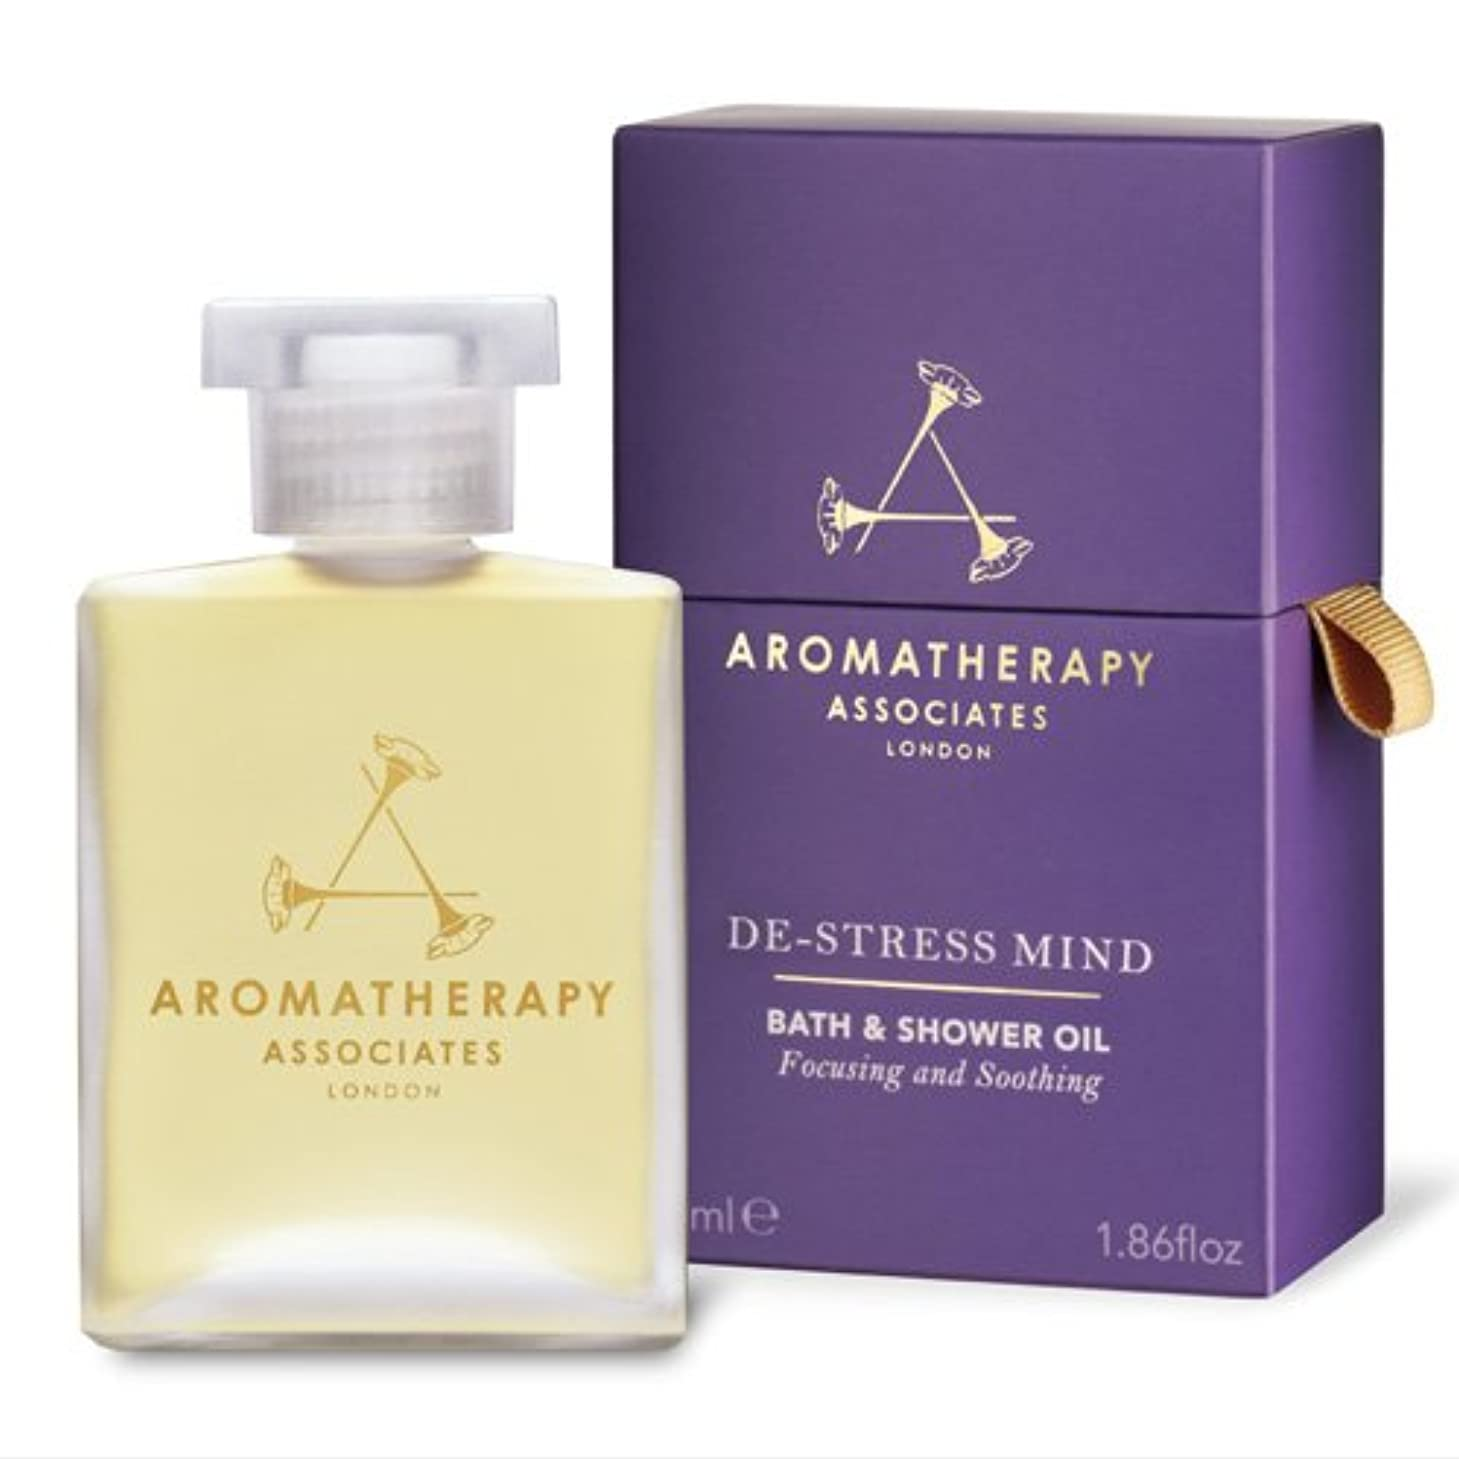 不安定なで出来ている旋回アロマセラピー アソシエイツ De-Stress - Mind Bath & Shower Oil 55ml/1.86oz